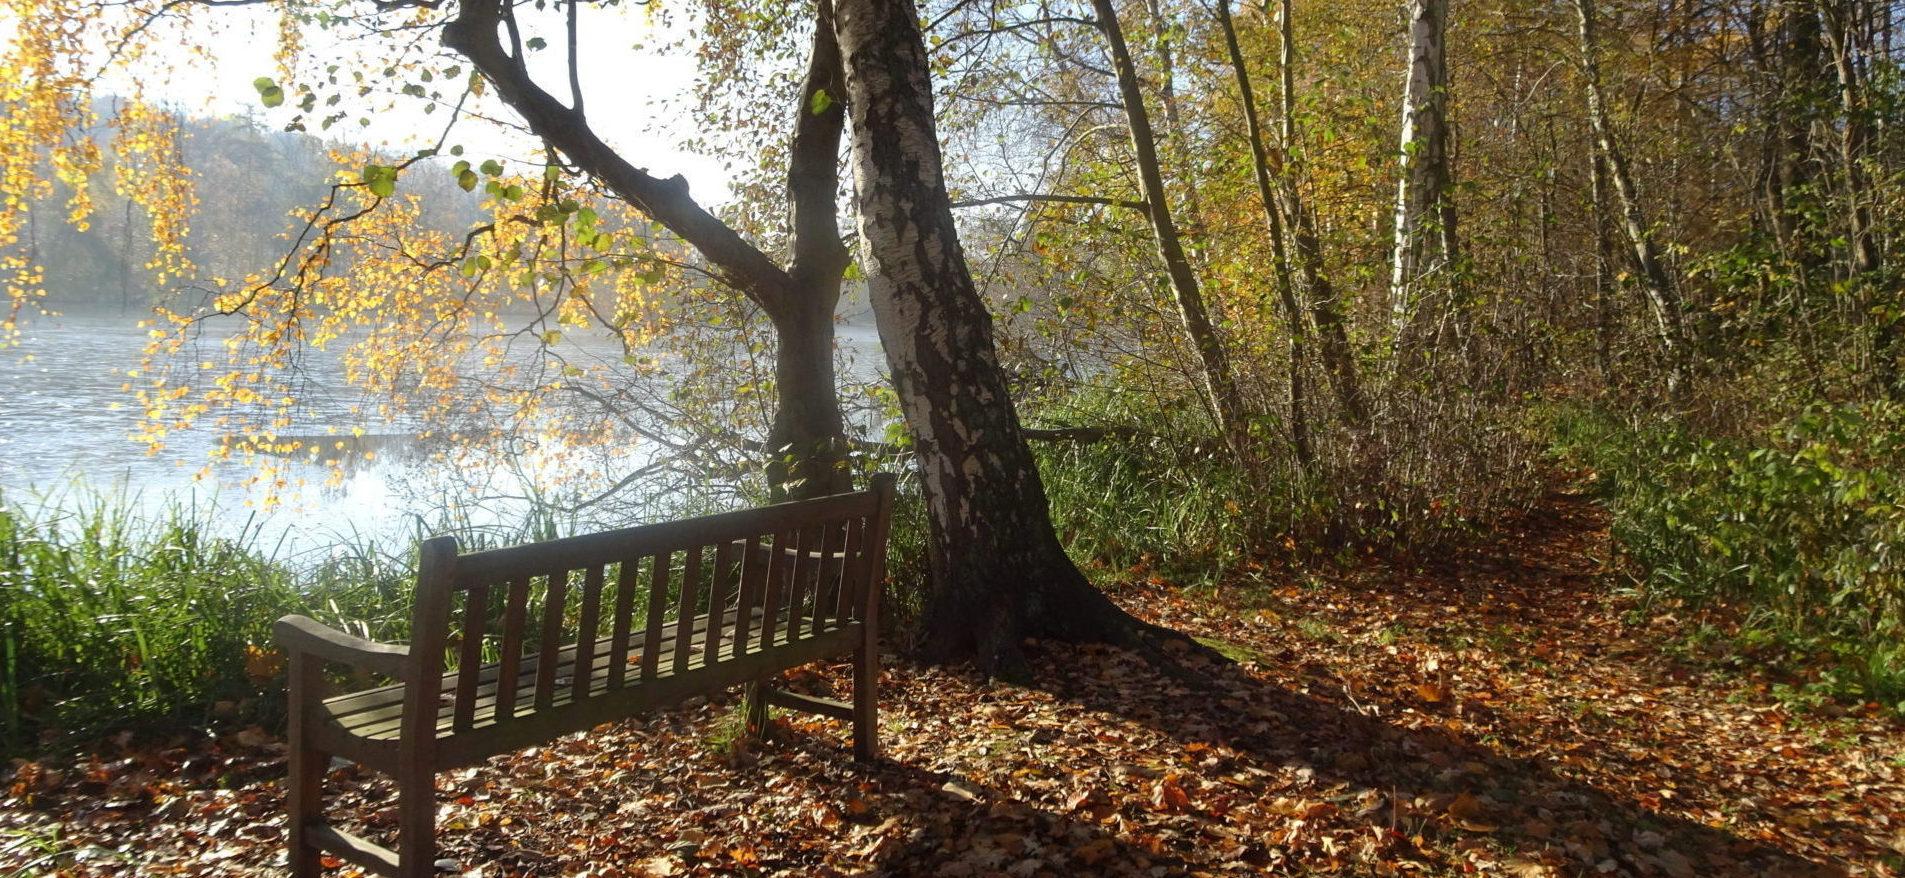 Sidde på en bænk i stilhed og se over en sø